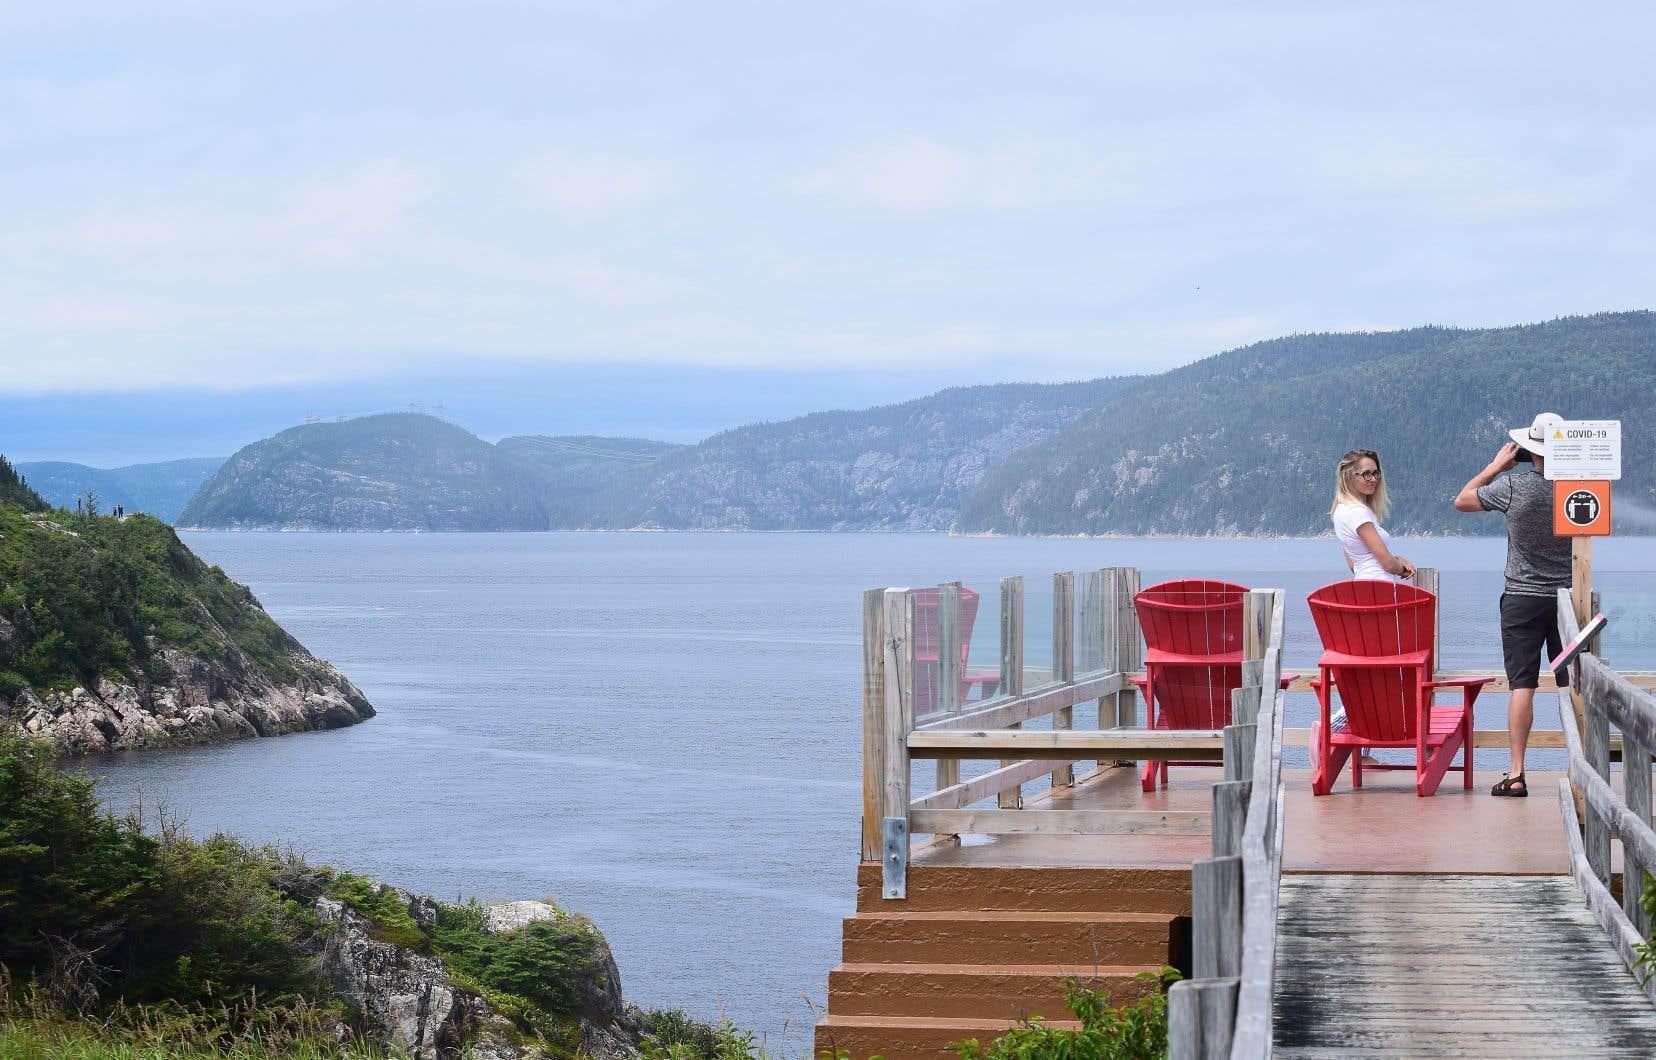 Le projet GNL Québec a soulevé des craintes pour l'image de marque de l'industrie touristique sur le Saguenay.